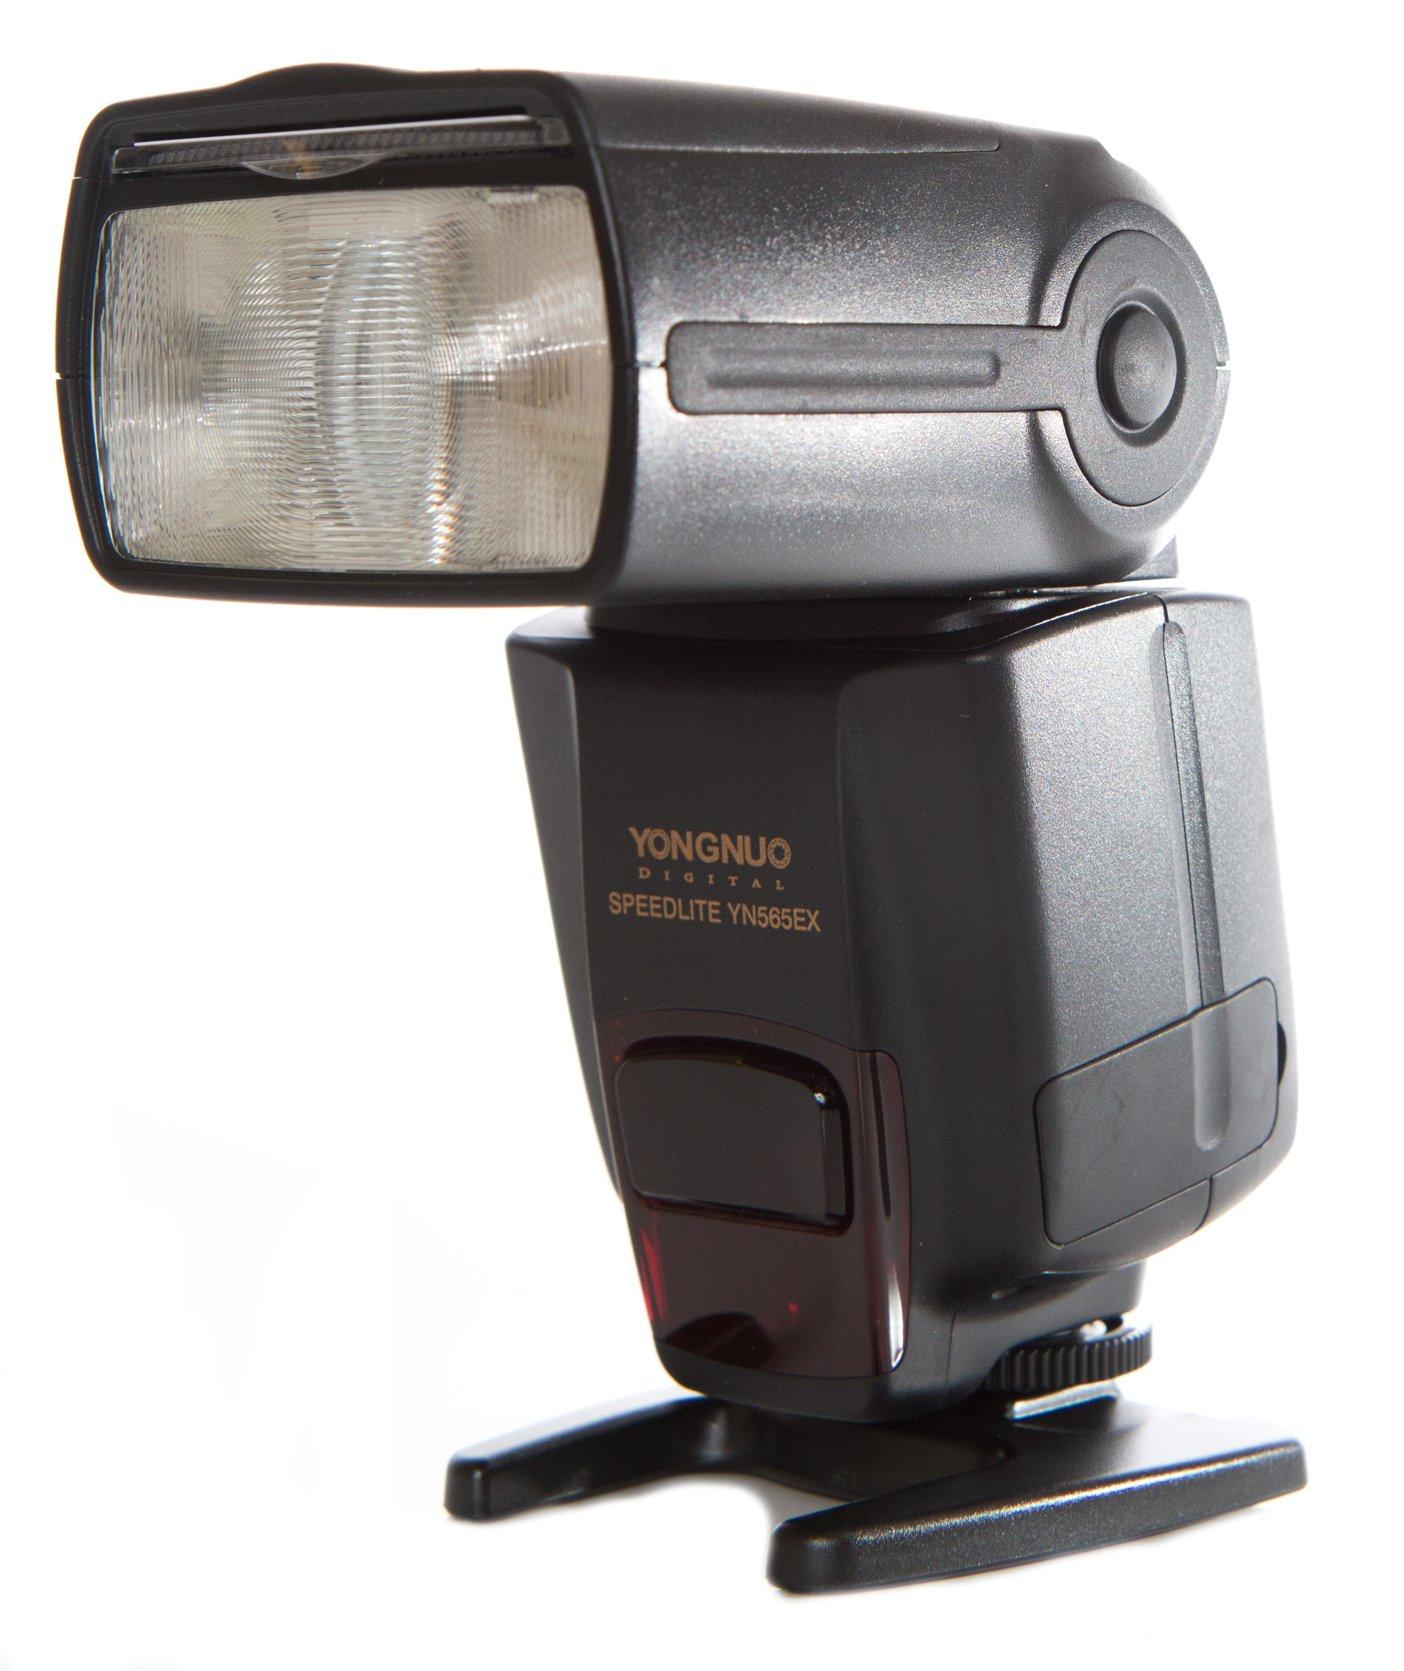 Yongnuo YN565EXN-USA i-TTL Speedlite Flash for Nikon, GN58, US Warranty (Black) by Yongnuo